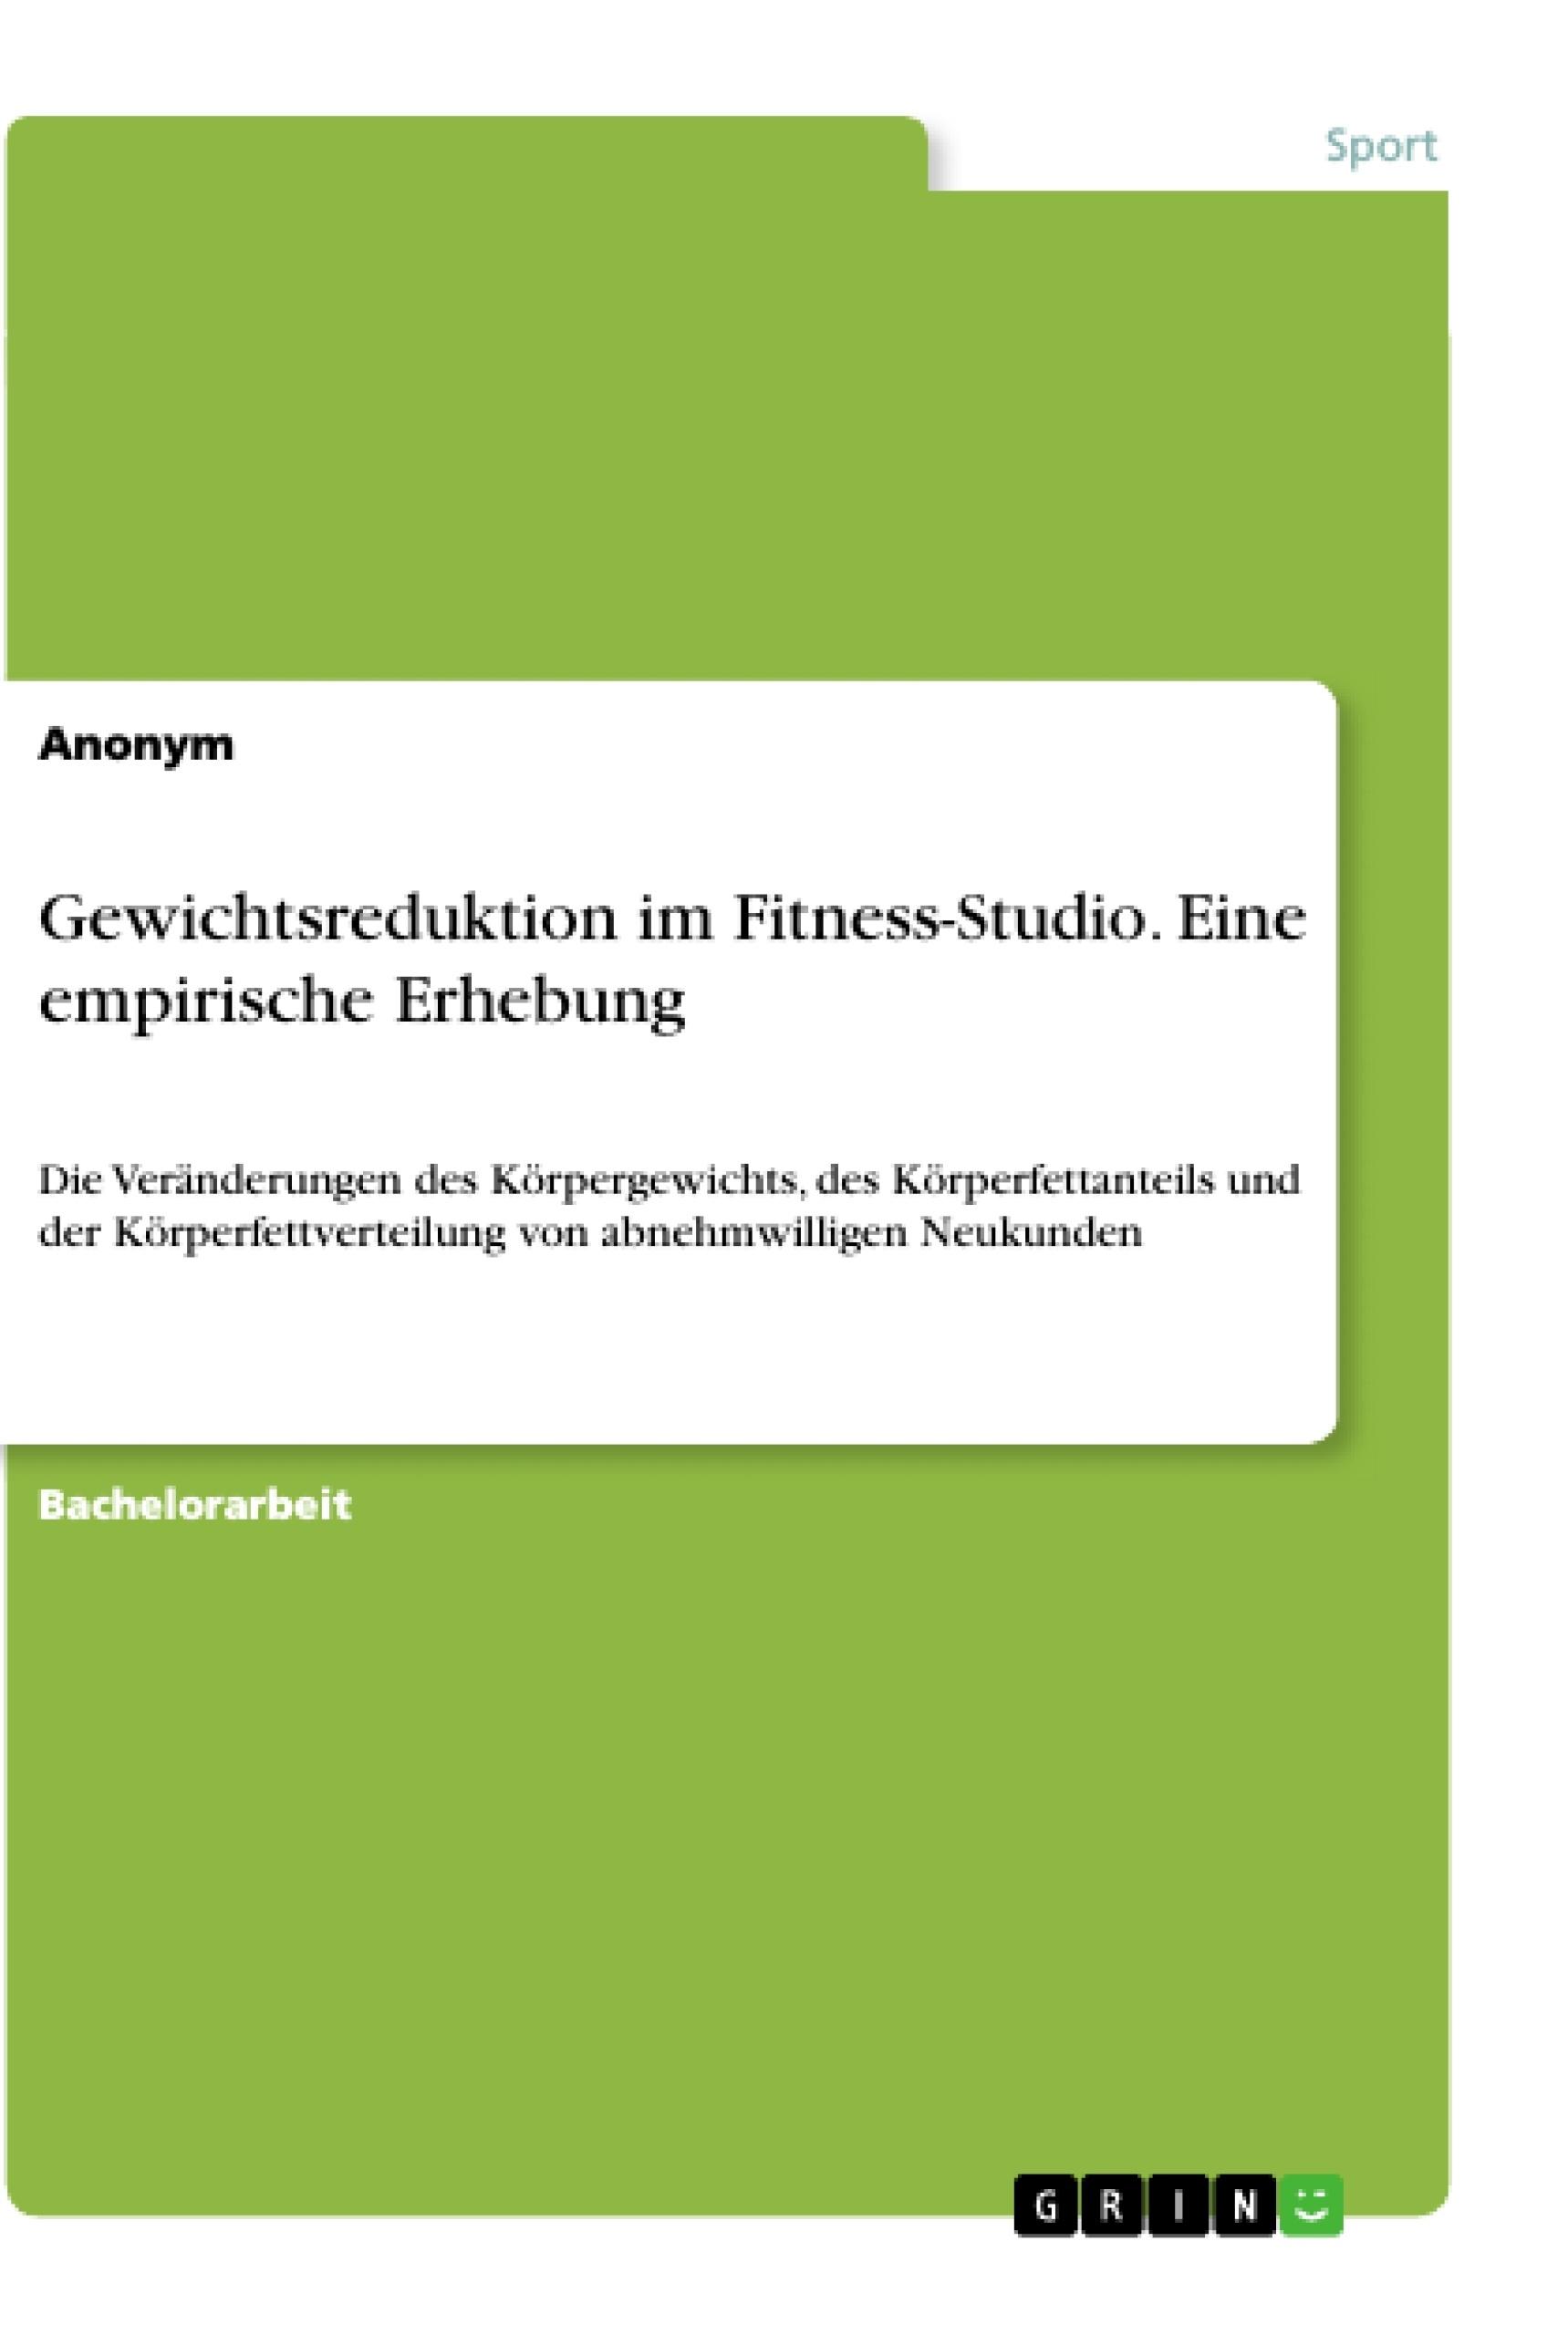 Titel: Gewichtsreduktion im Fitness-Studio. Eine empirische Erhebung